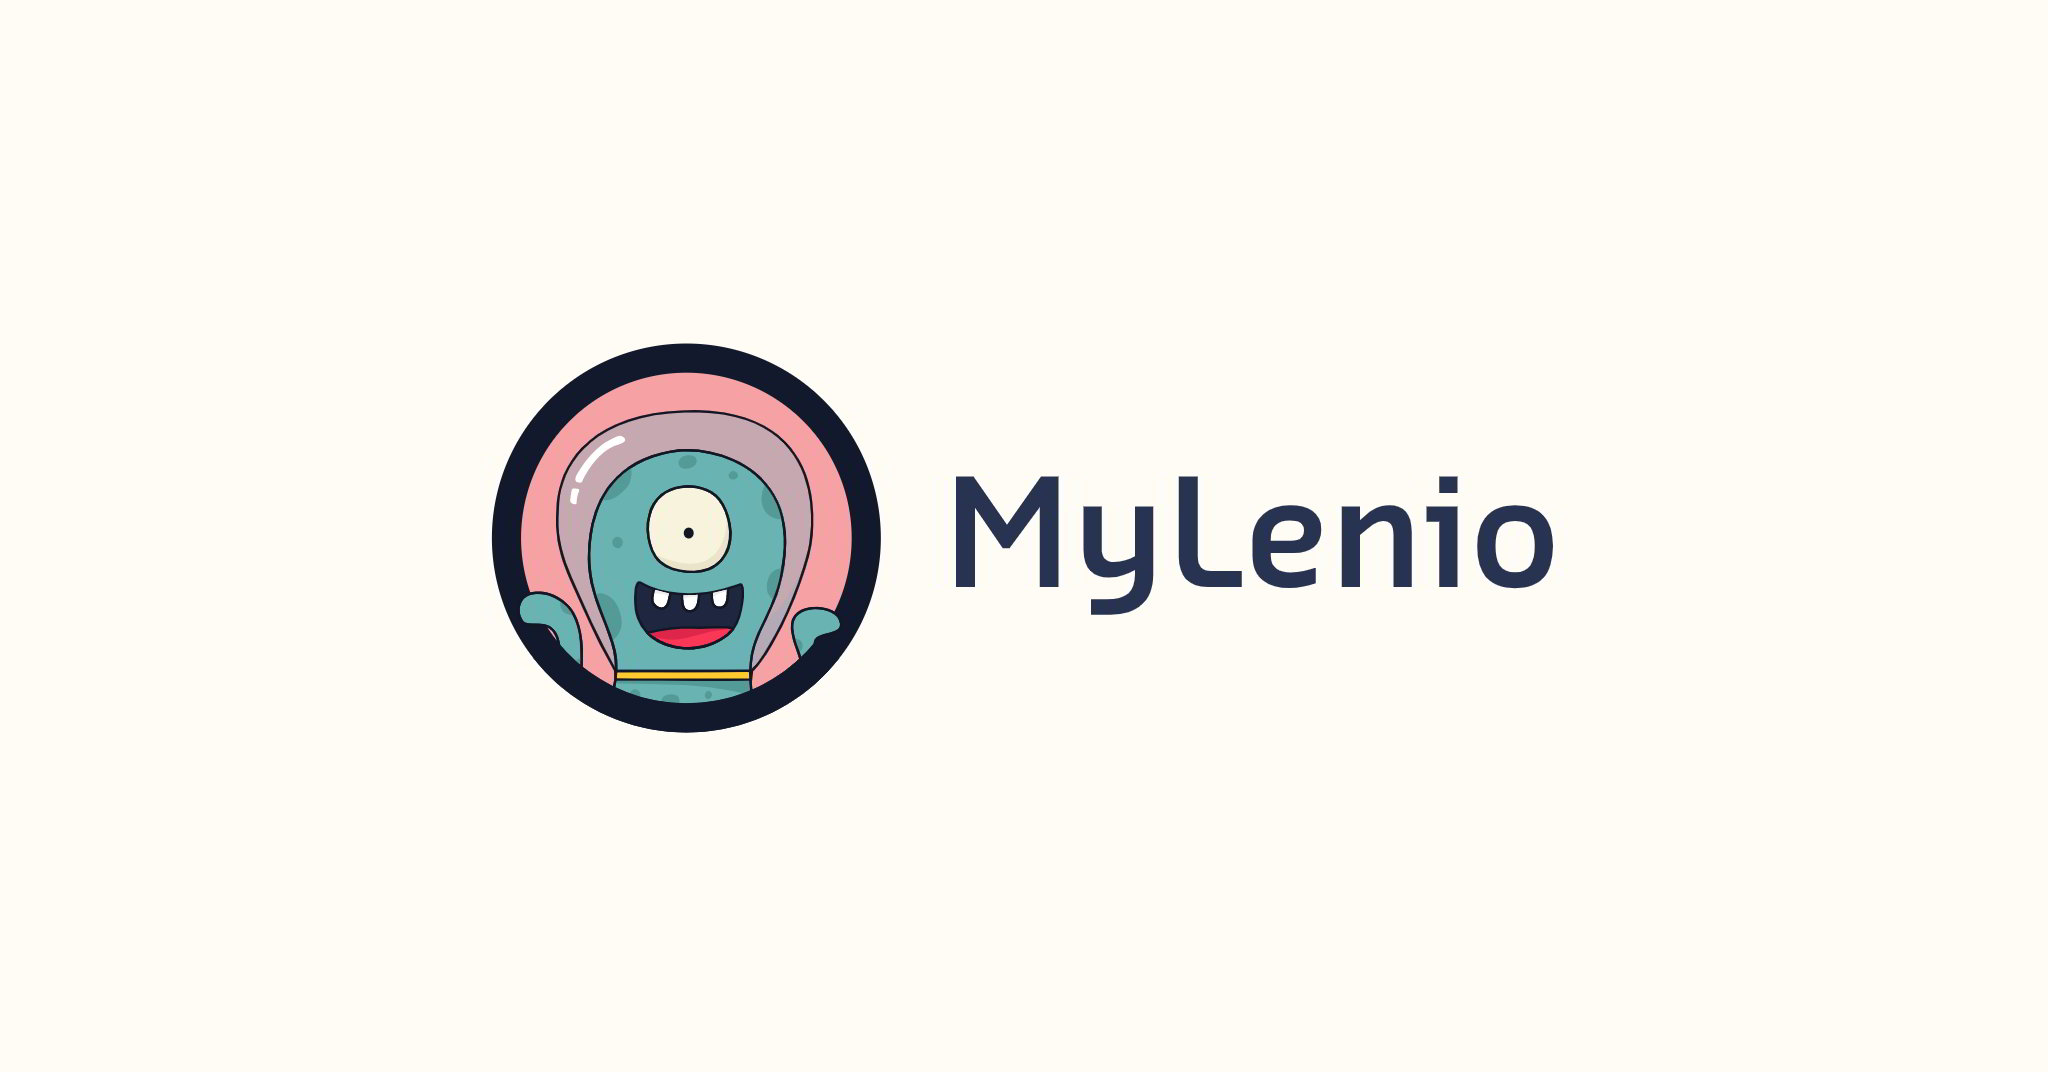 MyLenio